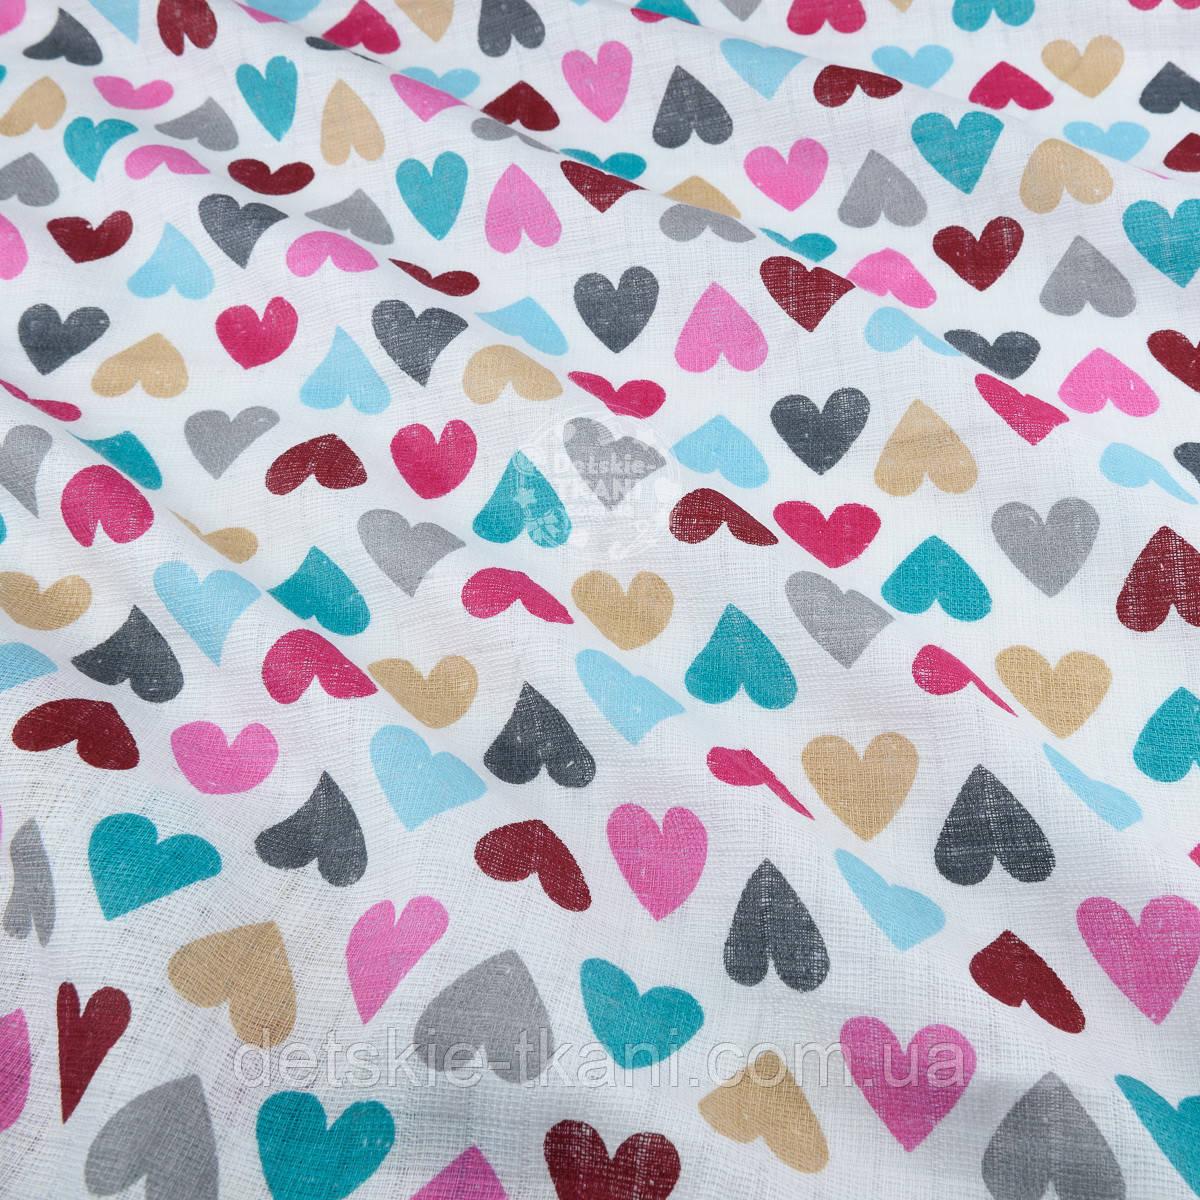 """Ткань муслин """"С разноцветными сердечками"""" розово-бирюзовыми, ширина 80 см"""